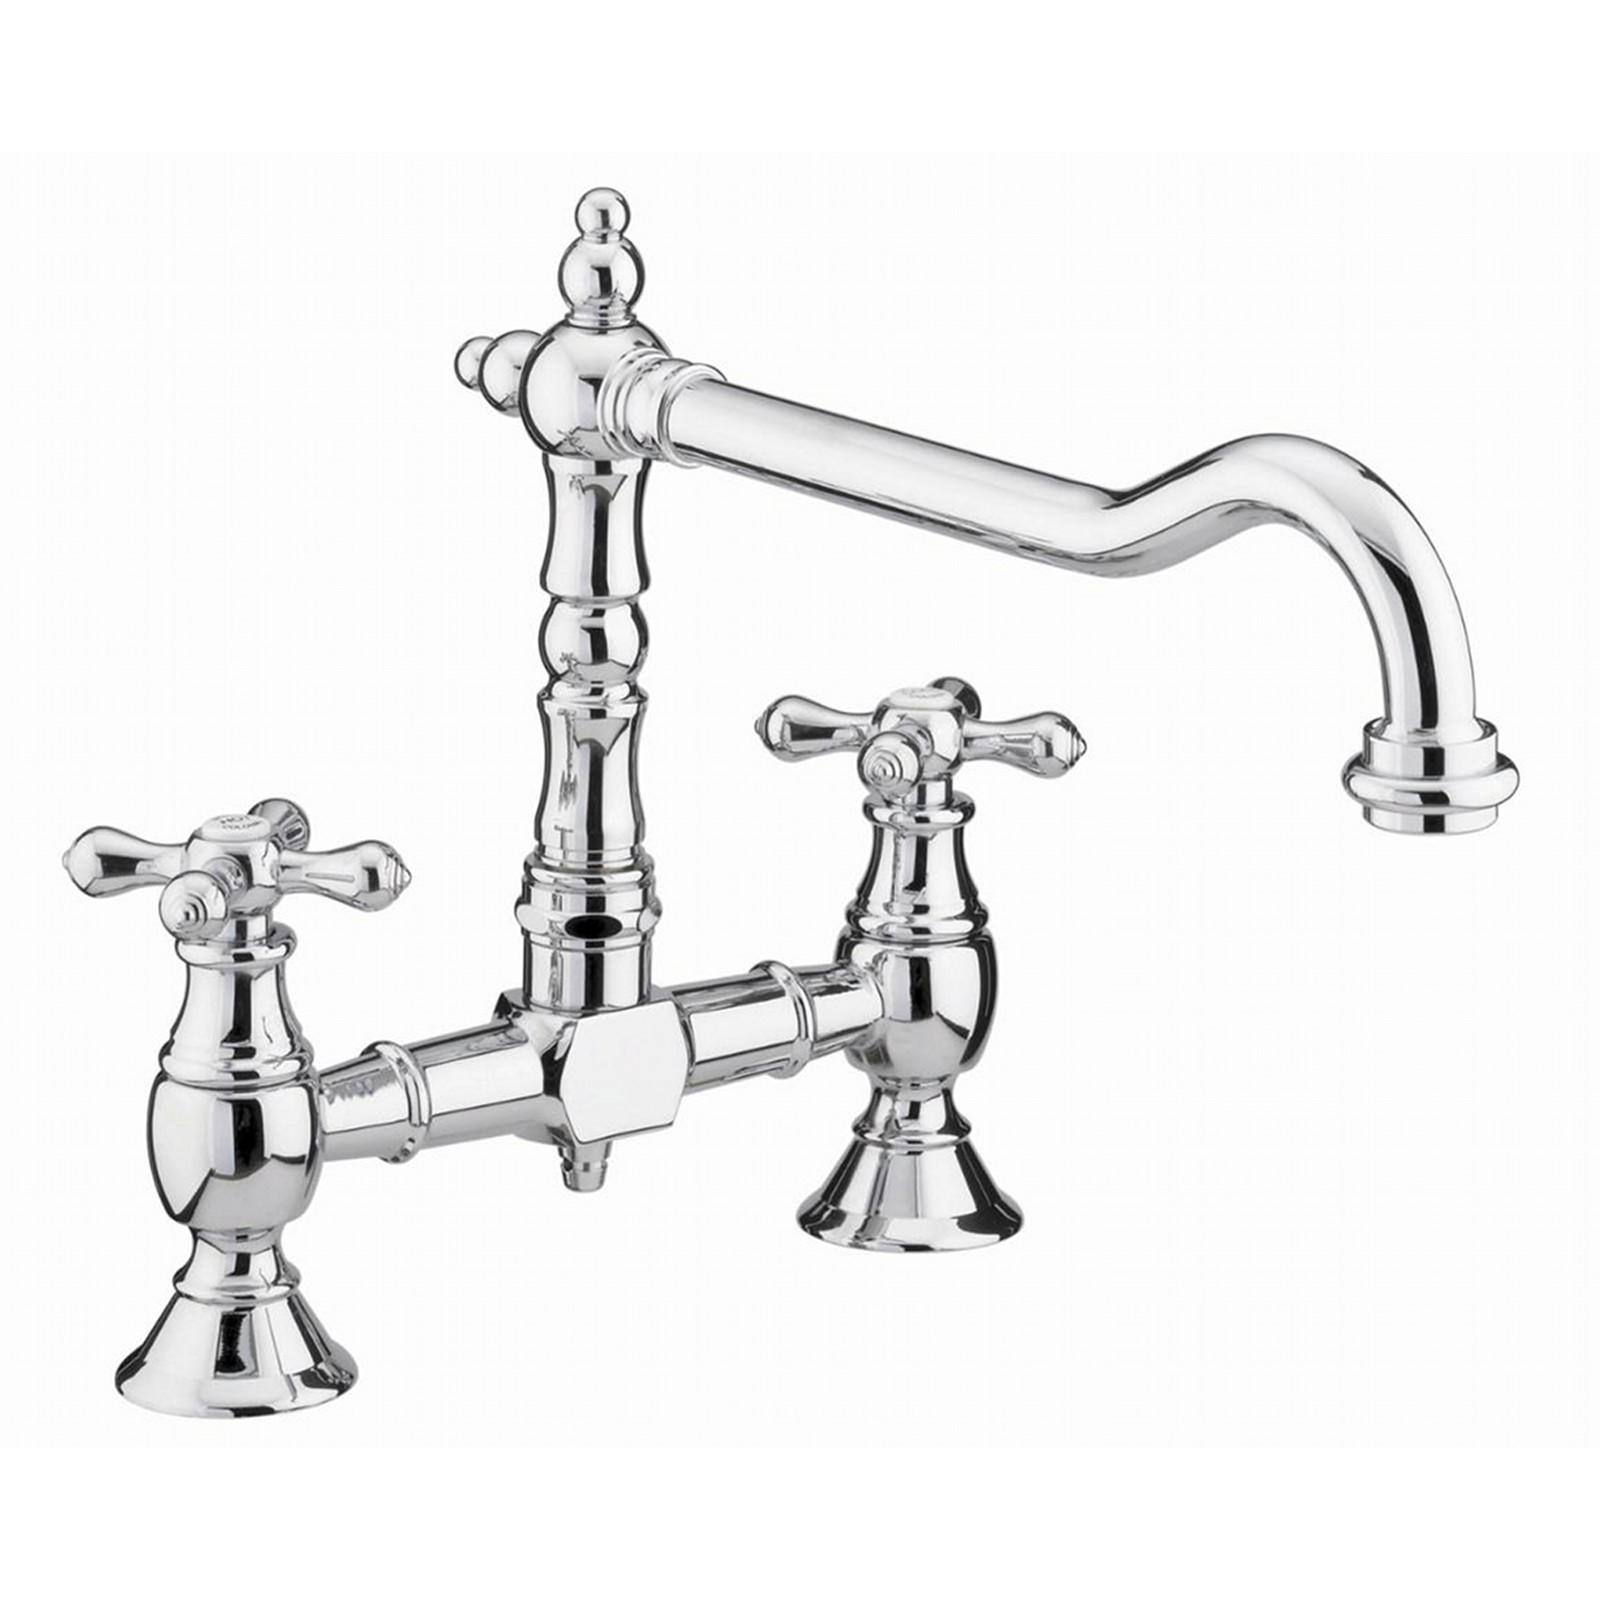 enki chrome kitchen sink mixer tap traditional black - White Kitchen Sink Taps